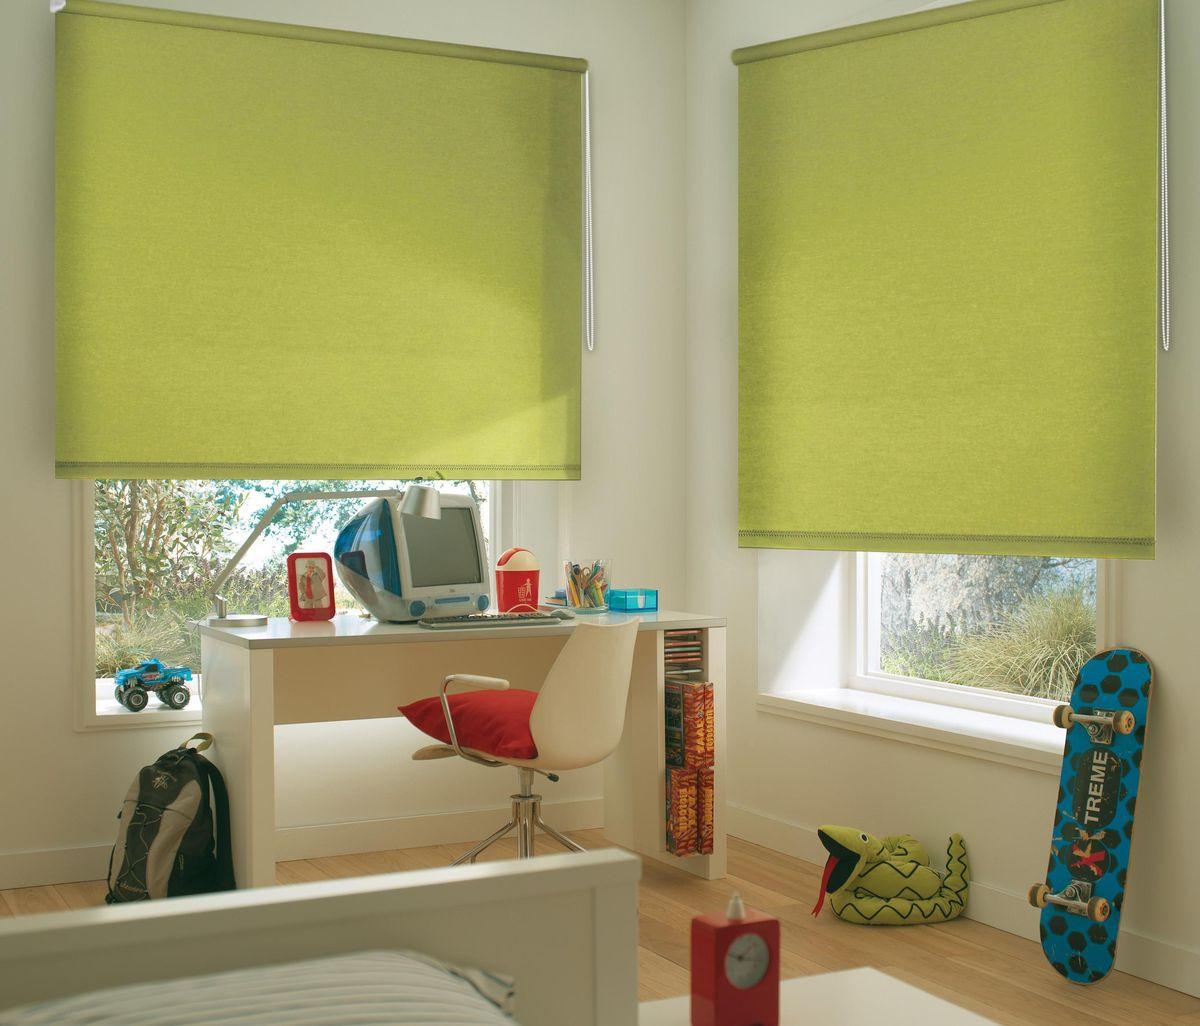 Штора рулонная Эскар, цвет: салатовый, ширина 130 см, высота 170 см80409080170Рулонными шторами можно оформлять окна как самостоятельно, так и использовать в комбинации с портьерами. Это поможет предотвратить выгорание дорогой ткани на солнце и соединит функционал рулонных с красотой навесных.Преимущества применения рулонных штор для пластиковых окон:- имеют прекрасный внешний вид: многообразие и фактурность материала изделия отлично смотрятся в любом интерьере; - многофункциональны: есть возможность подобрать шторы способные эффективно защитить комнату от солнца, при этом о на не будет слишком темной. - Есть возможность осуществить быстрый монтаж. ВНИМАНИЕ! Размеры ширины изделия указаны по ширине ткани!Во время эксплуатации не рекомендуется полностью разматывать рулон, чтобы не оторвать ткань от намоточного вала.В случае загрязнения поверхности ткани, чистку шторы проводят одним из способов, в зависимости от типа загрязнения: легкое поверхностное загрязнение можно удалить при помощи канцелярского ластика; чистка от пыли производится сухим методом при помощи пылесоса с мягкой щеткой-насадкой; для удаления пятна используйте мягкую губку с пенообразующим неагрессивным моющим средством или пятновыводитель на натуральной основе (нельзя применять растворители).